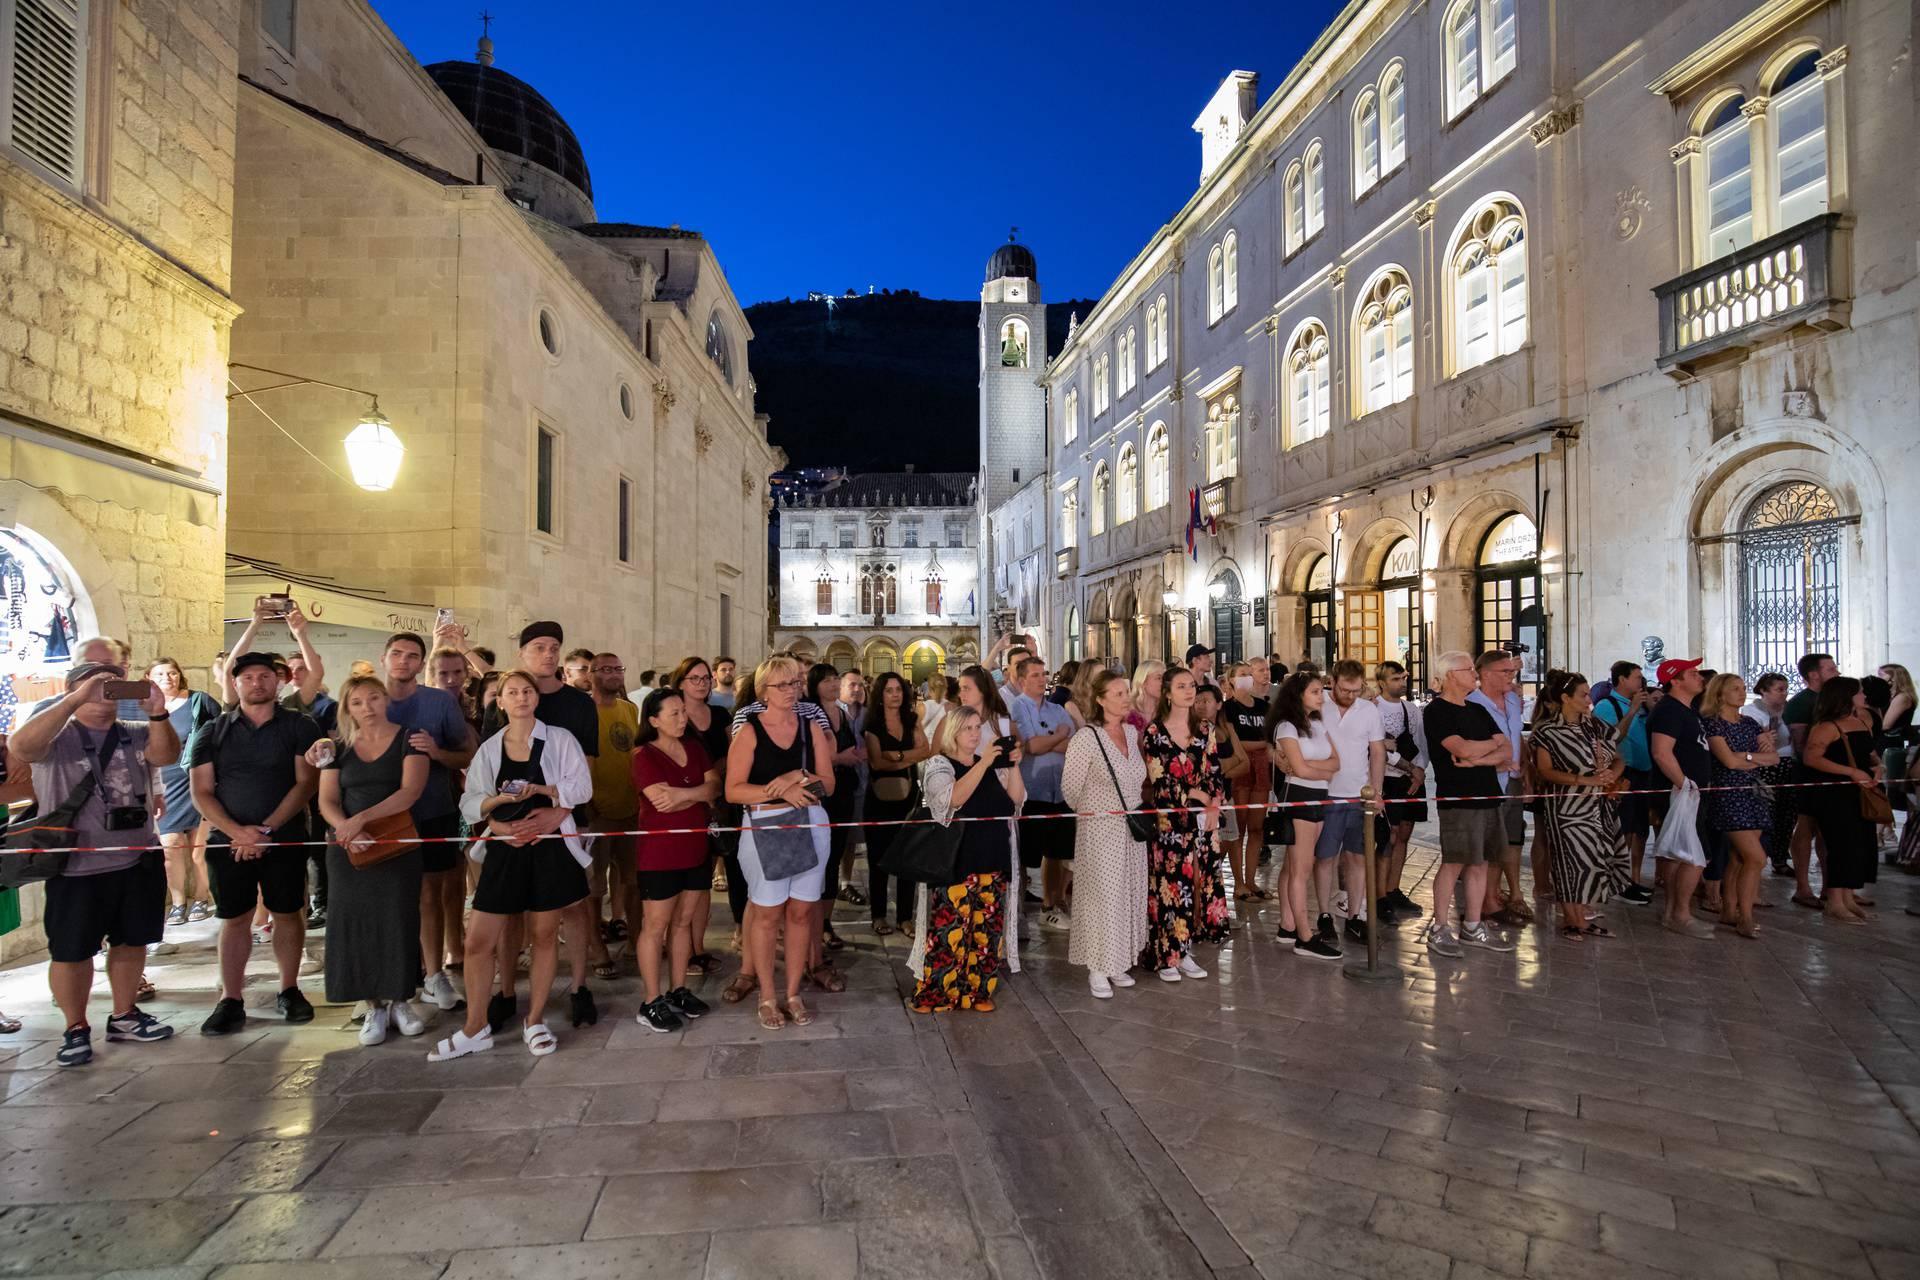 Noćni život Dubrovnika: Gotovo sve je kao i prije korona krize